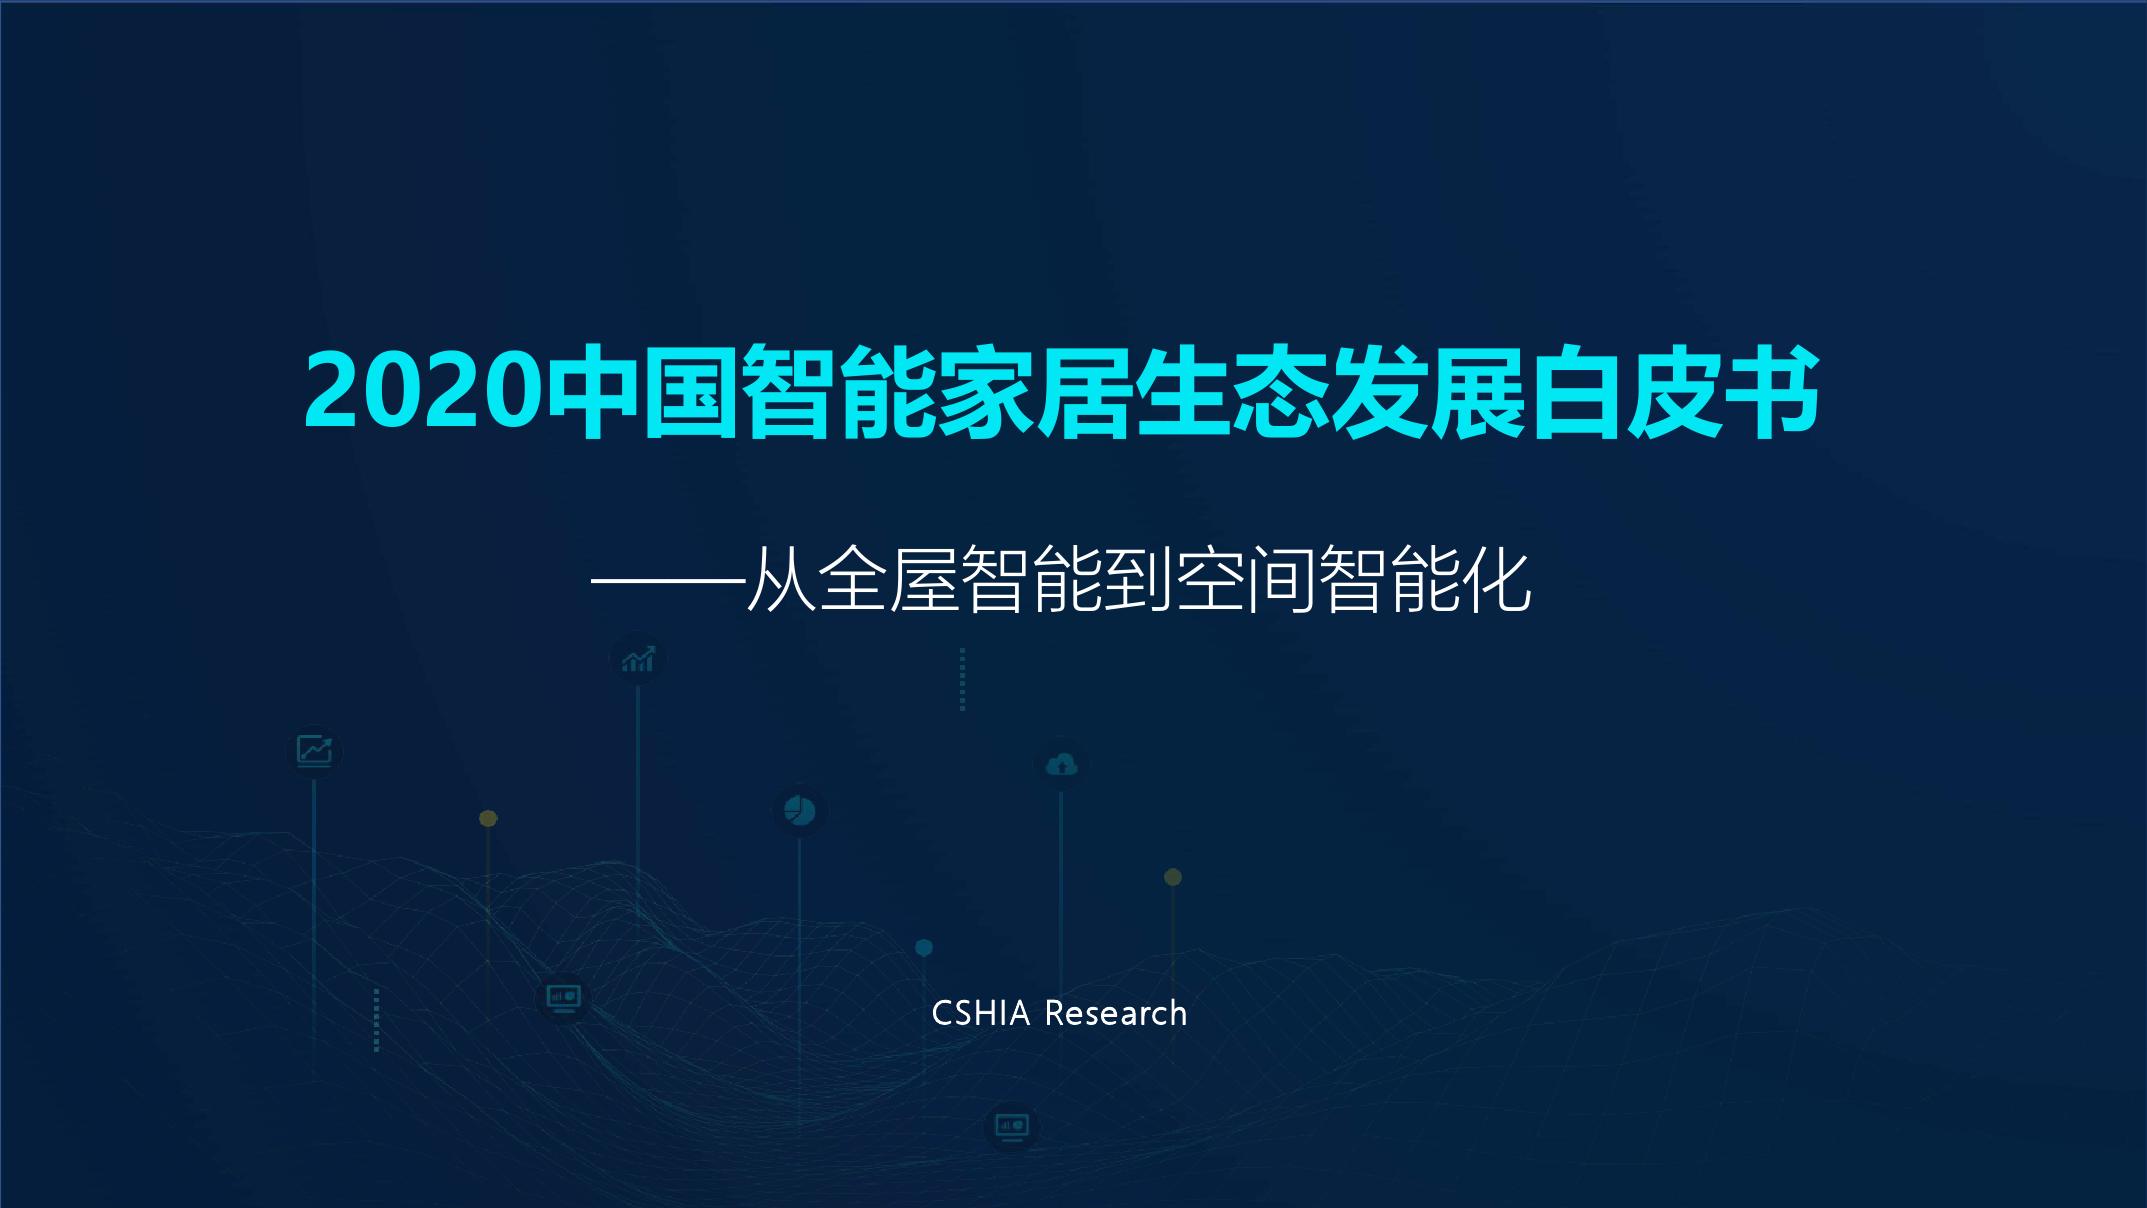 CSHIA:2020中国智能家居生态发展白皮书(附下载)